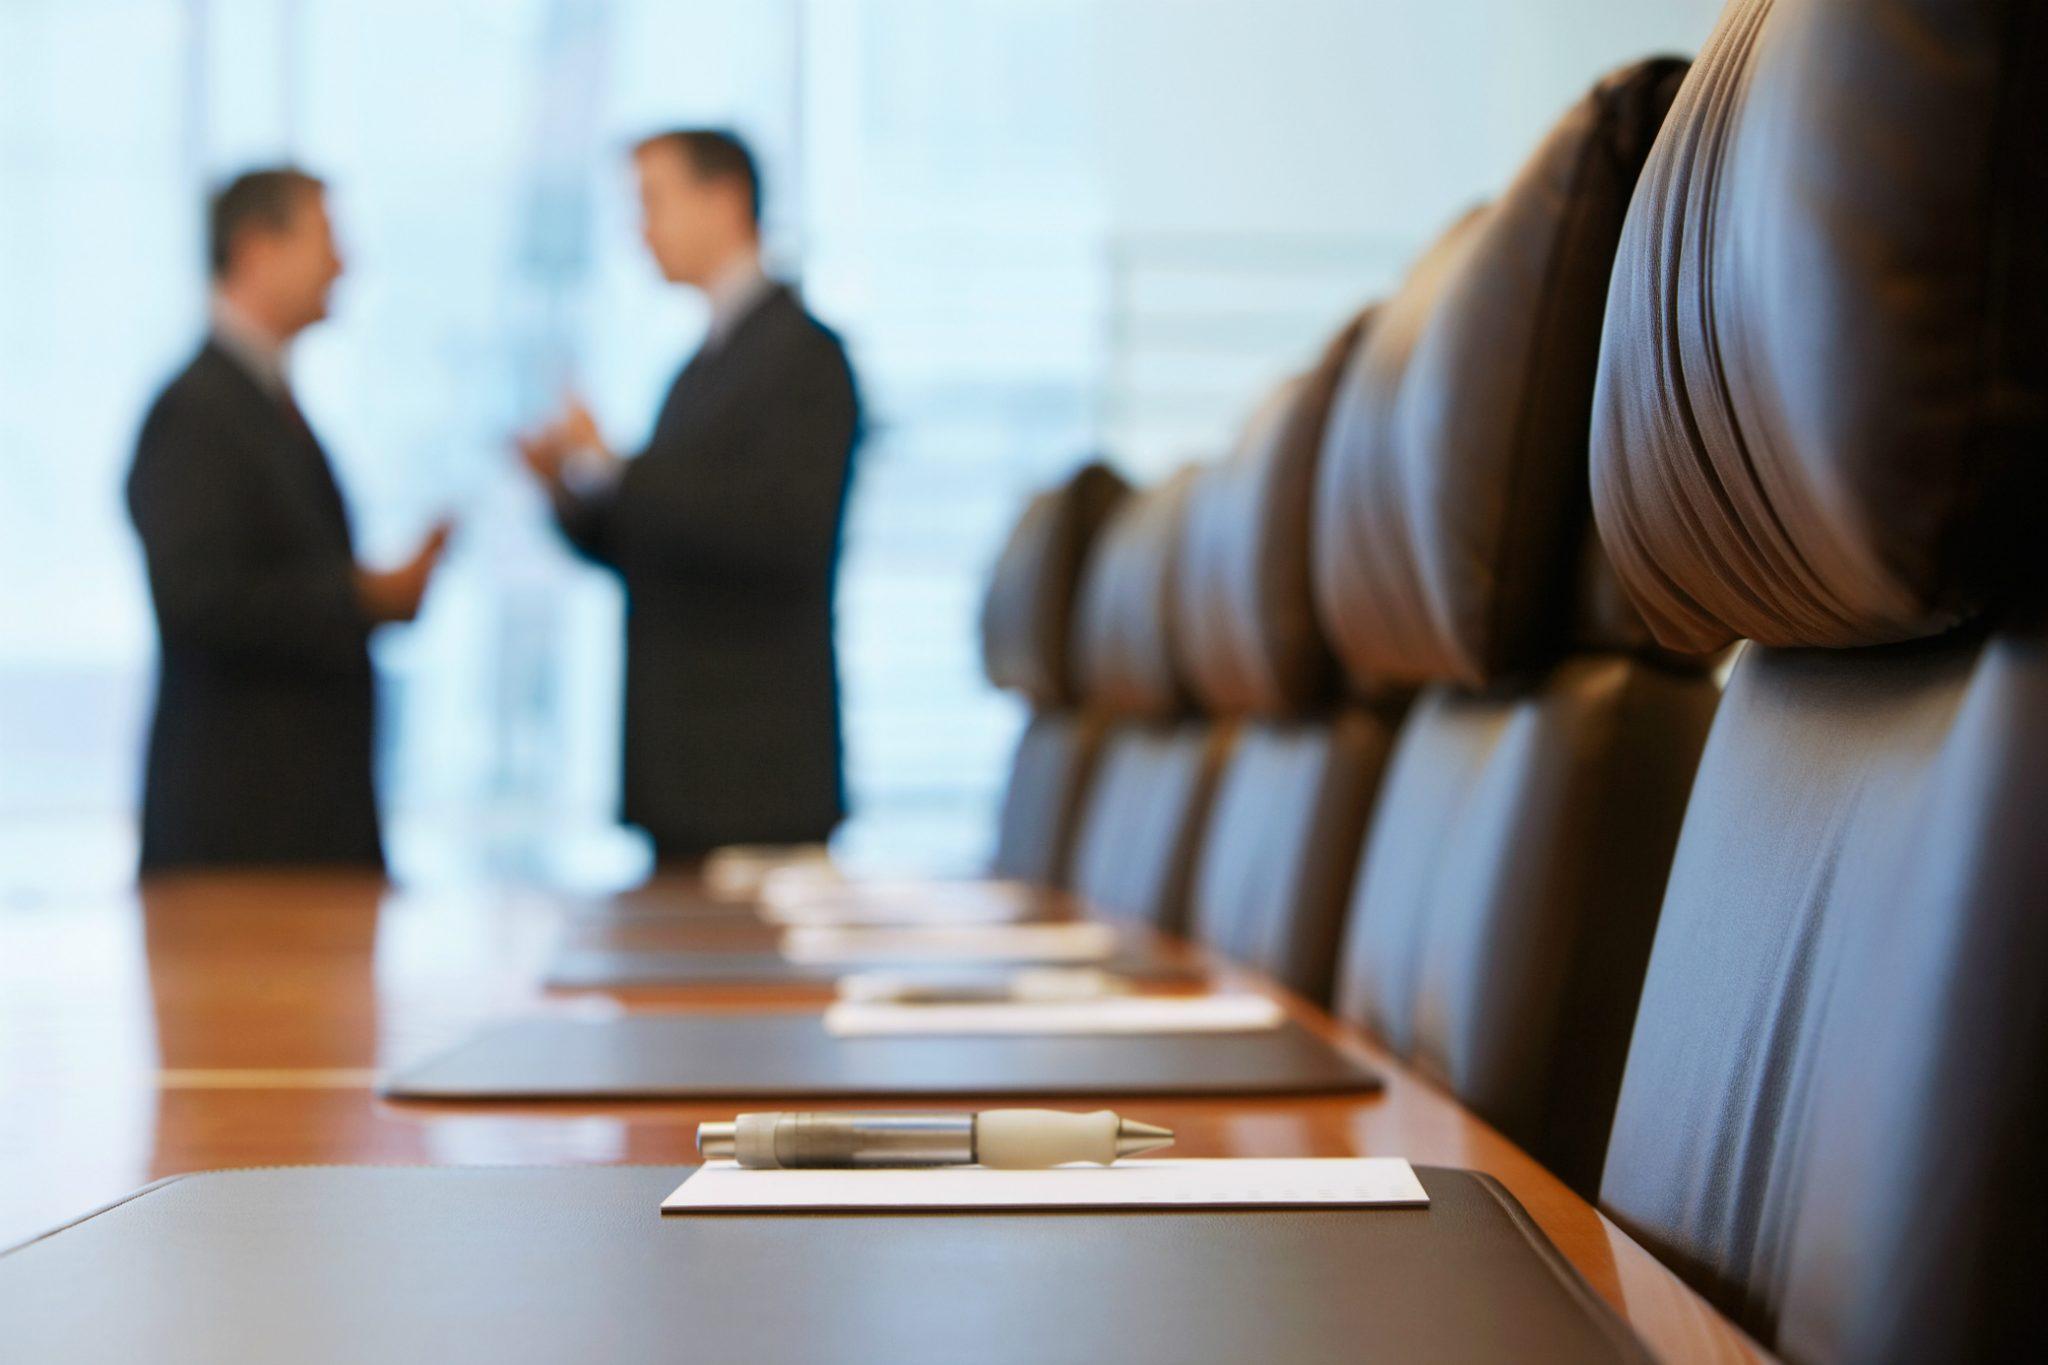 کمیسیون مناقصه و وظایف اعضای کمیسیون مناقصات